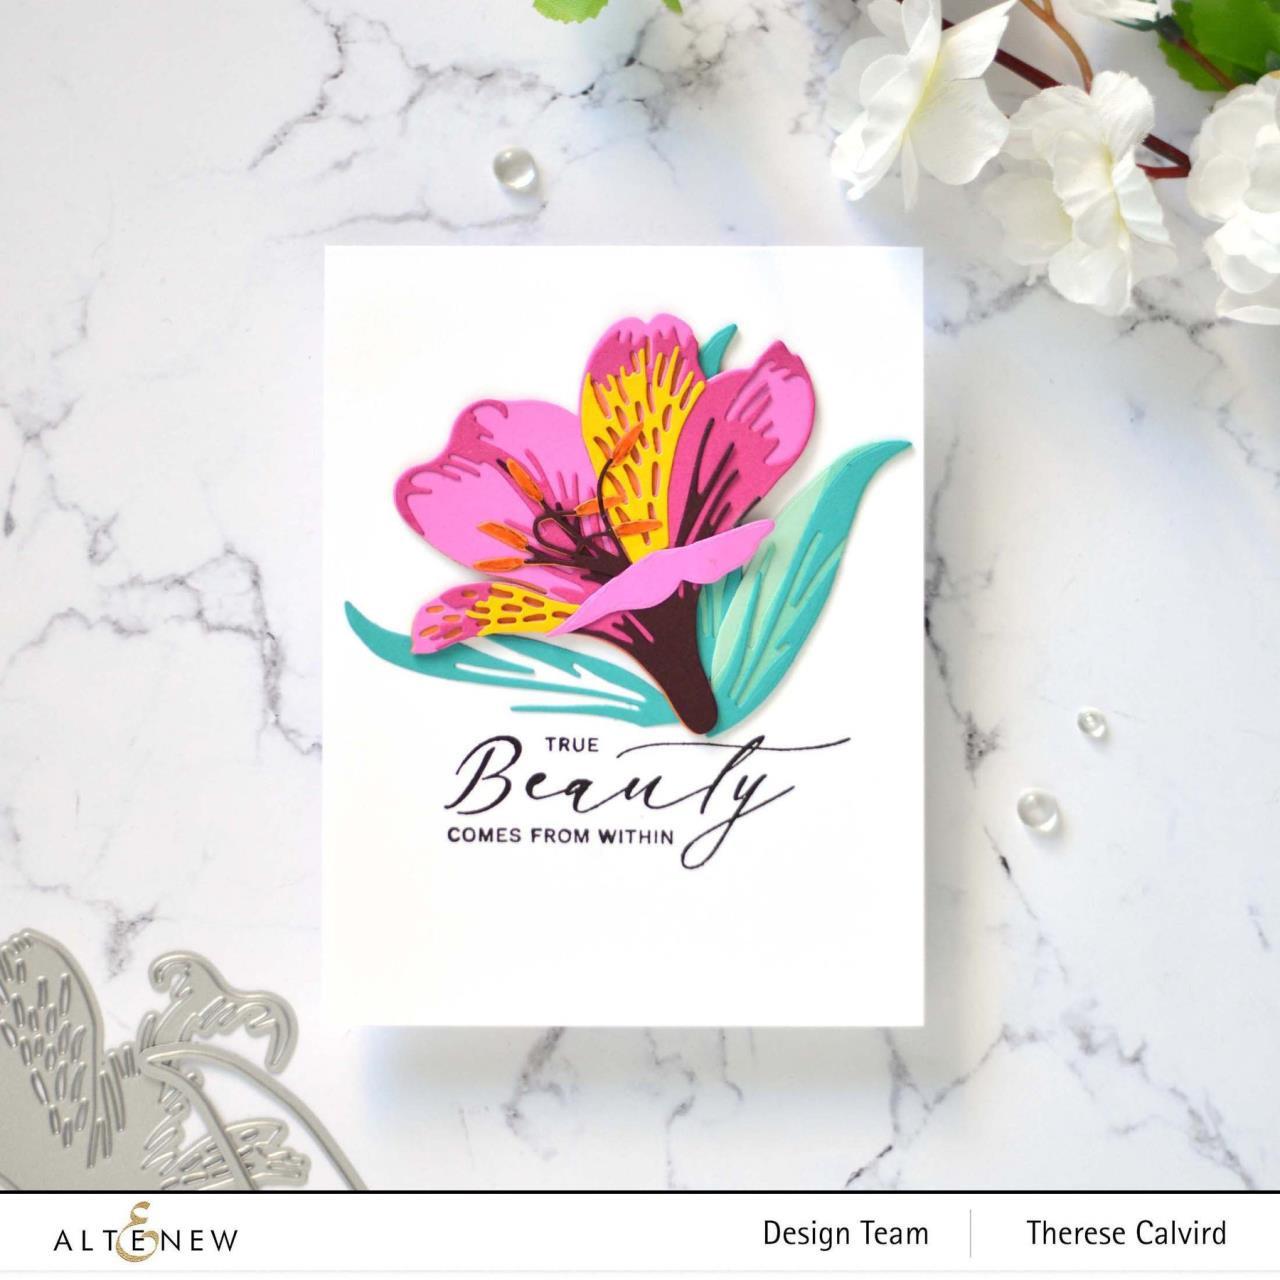 Craft-A-Flower: Peruvian Lily, Altenew Dies -